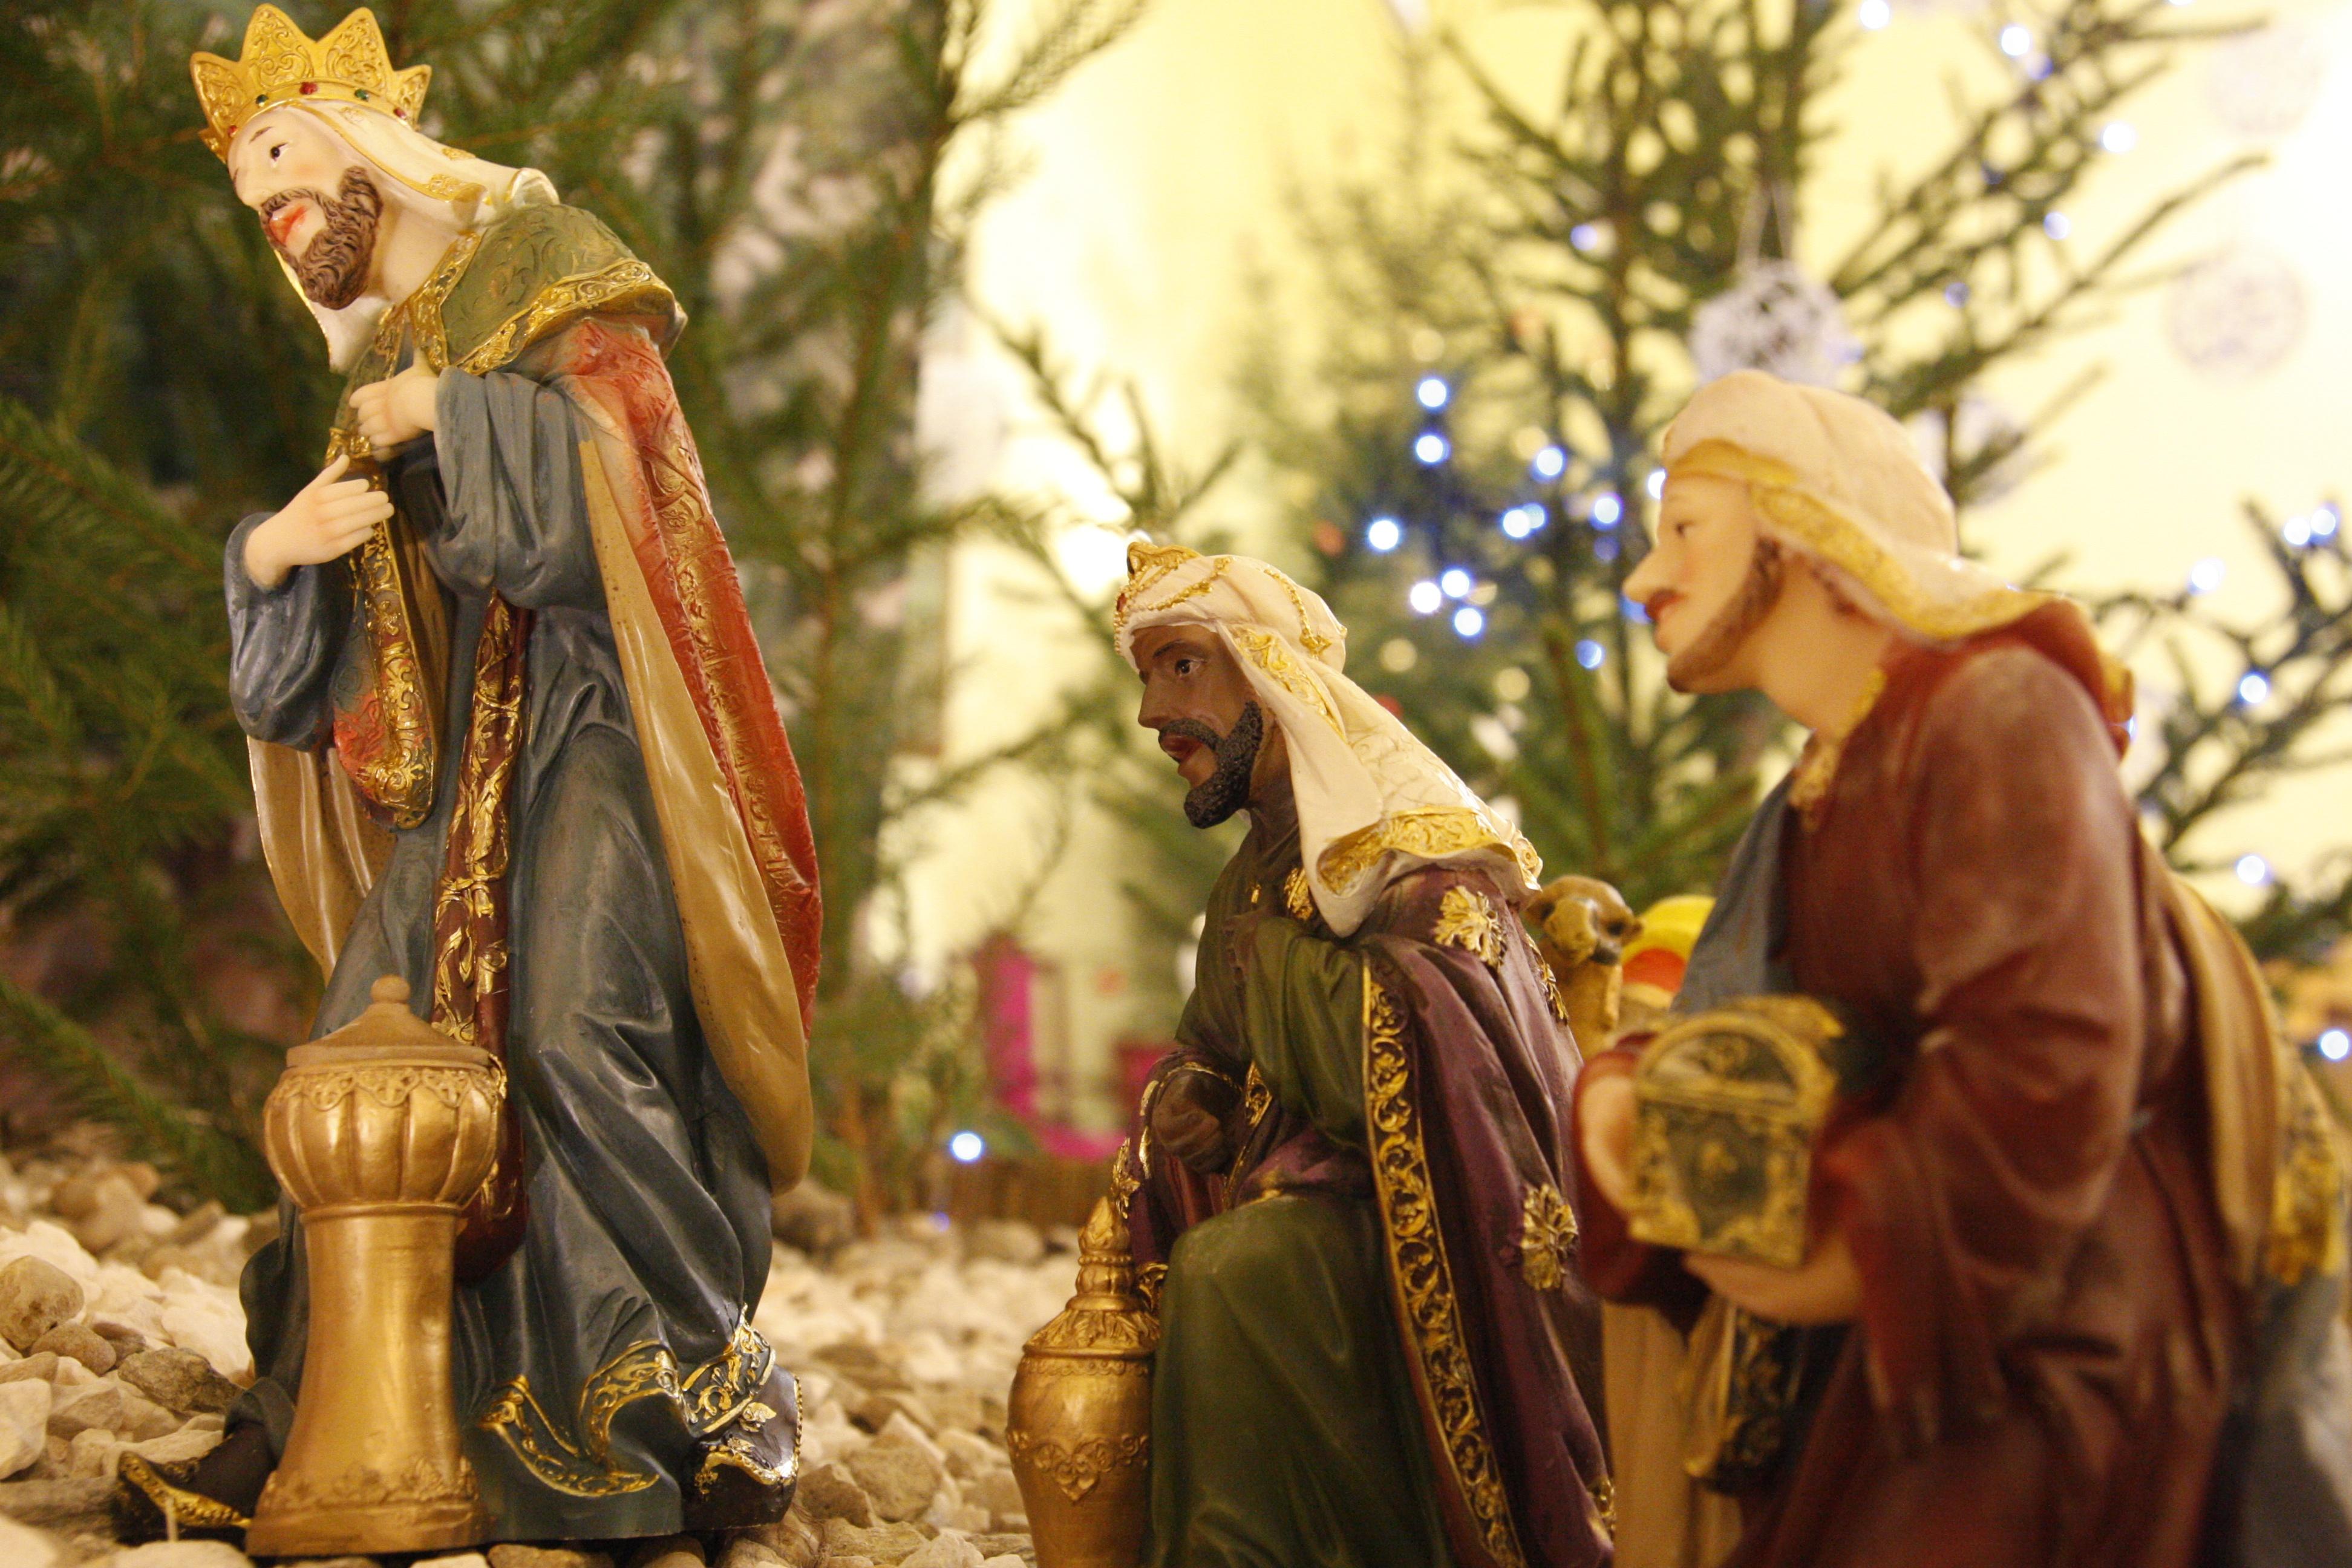 prawosławne boże narodzenie 2018 Boże Narodzenie prawosławne i greckokatolickie   Lidzbark Warmiński prawosławne boże narodzenie 2018